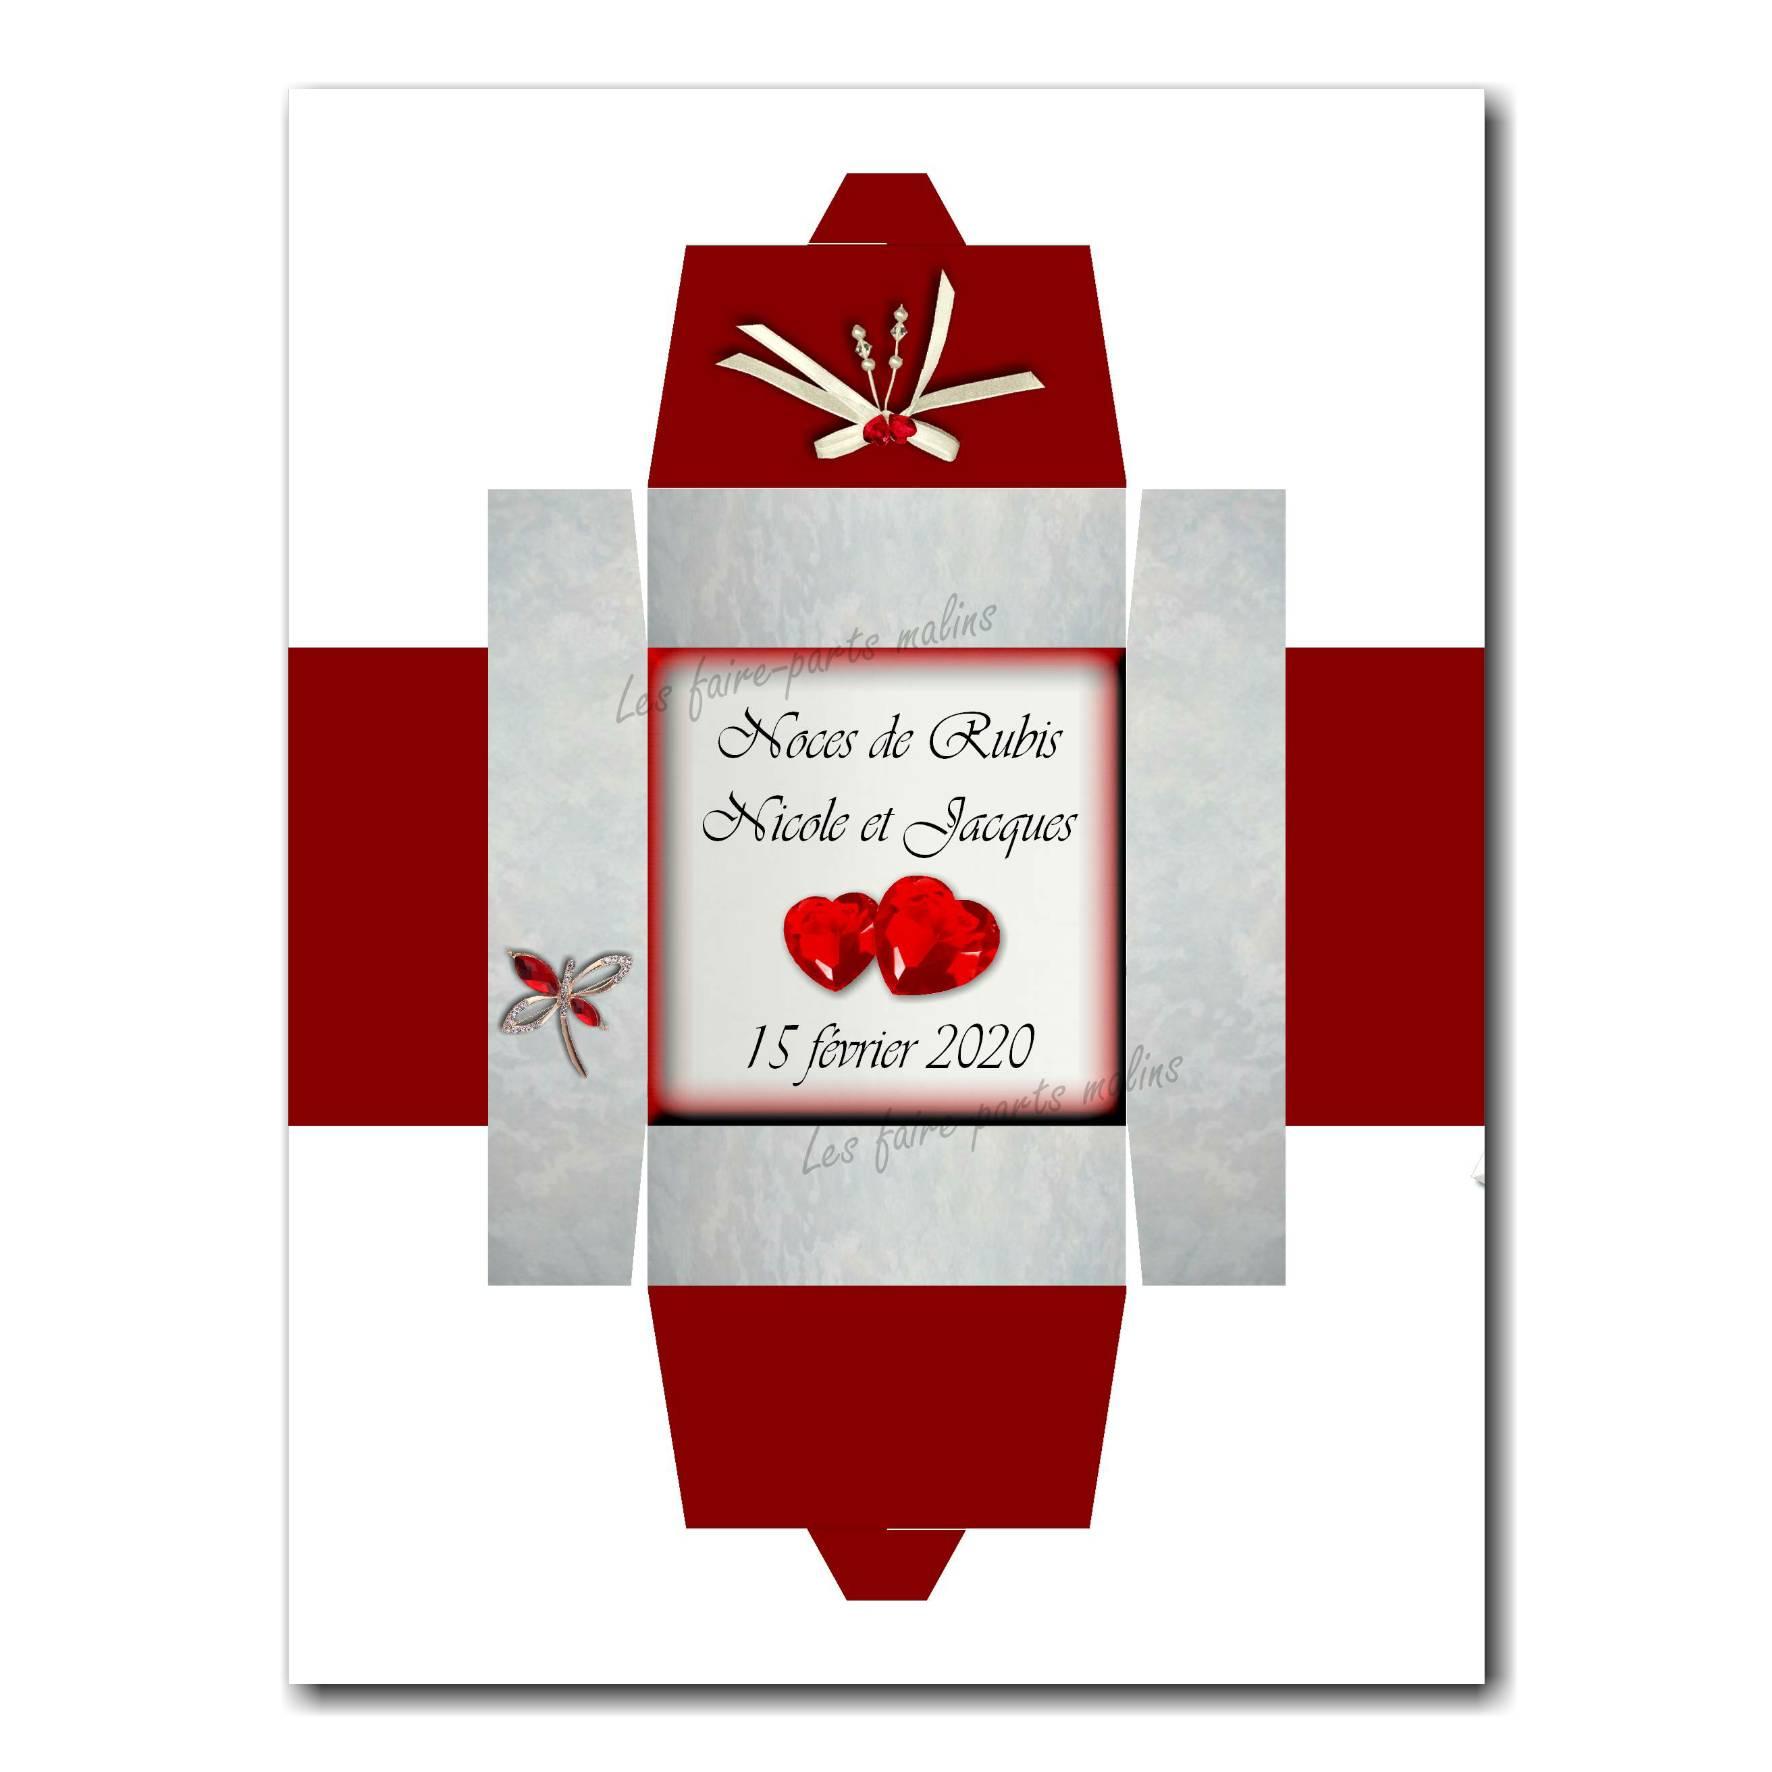 Boite noces de rubis en rouge et blanc